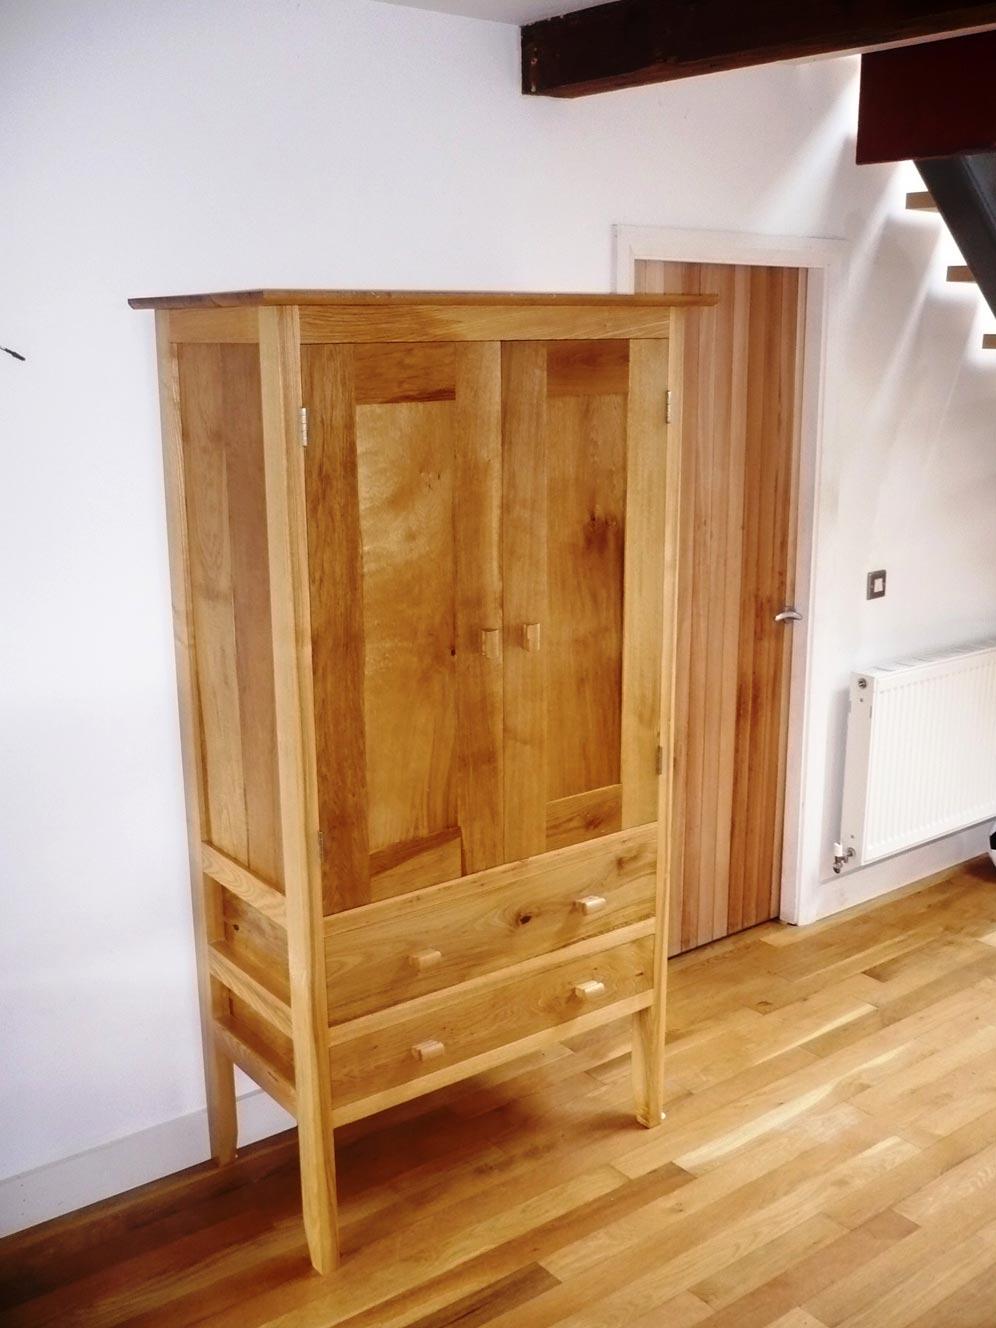 Bespoke furniture from aistear furnitureaistear furniture for Bespoke furniture